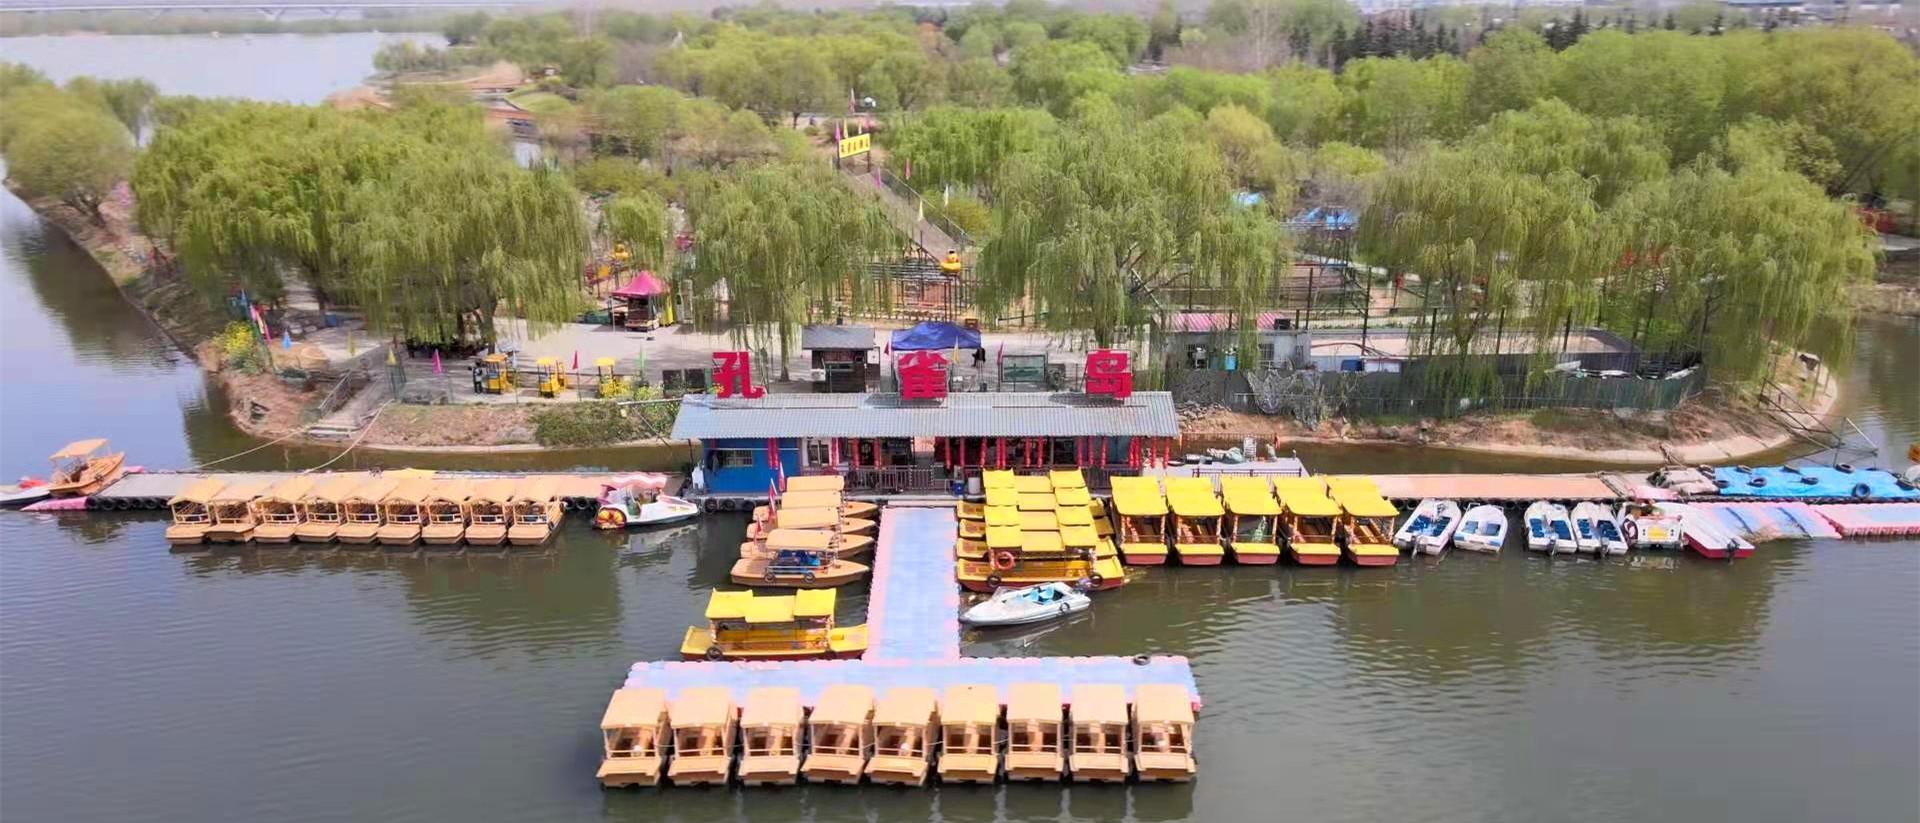 龙门孔雀岛亲子乐园【普通脚蹬船】2大+2小(40分钟)游玩票!